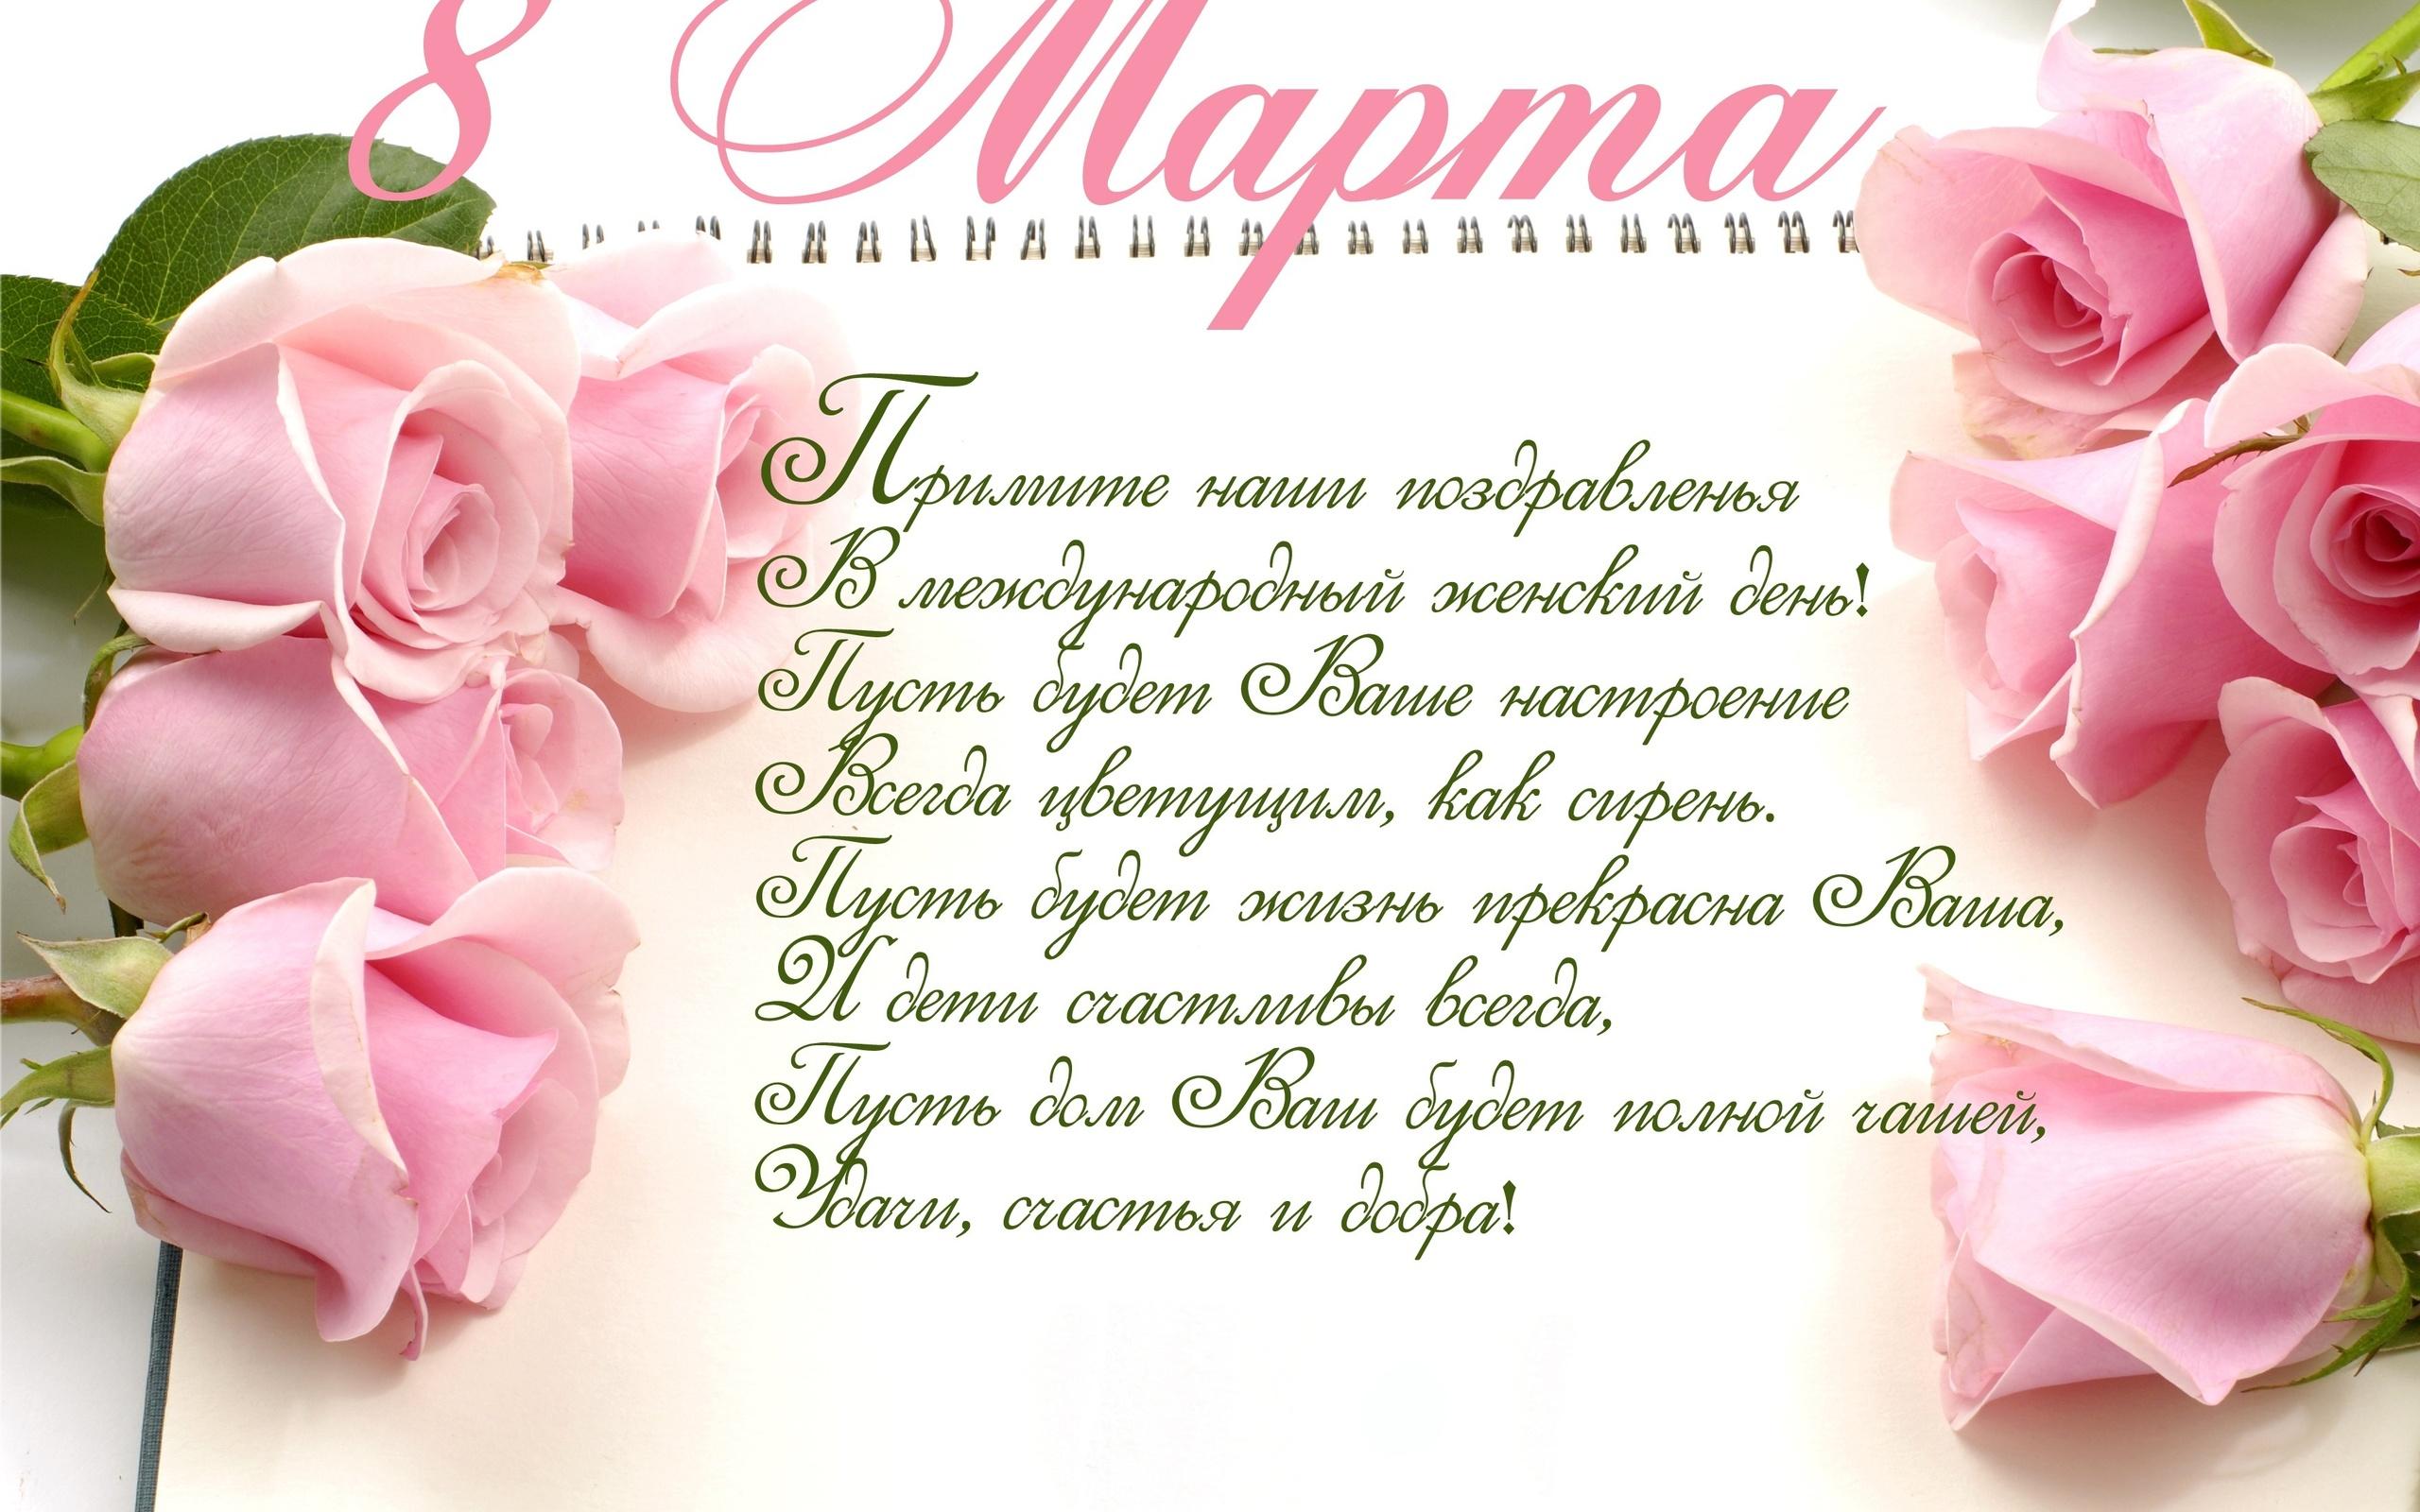 Картинки к 8 марта поздравления, стихи